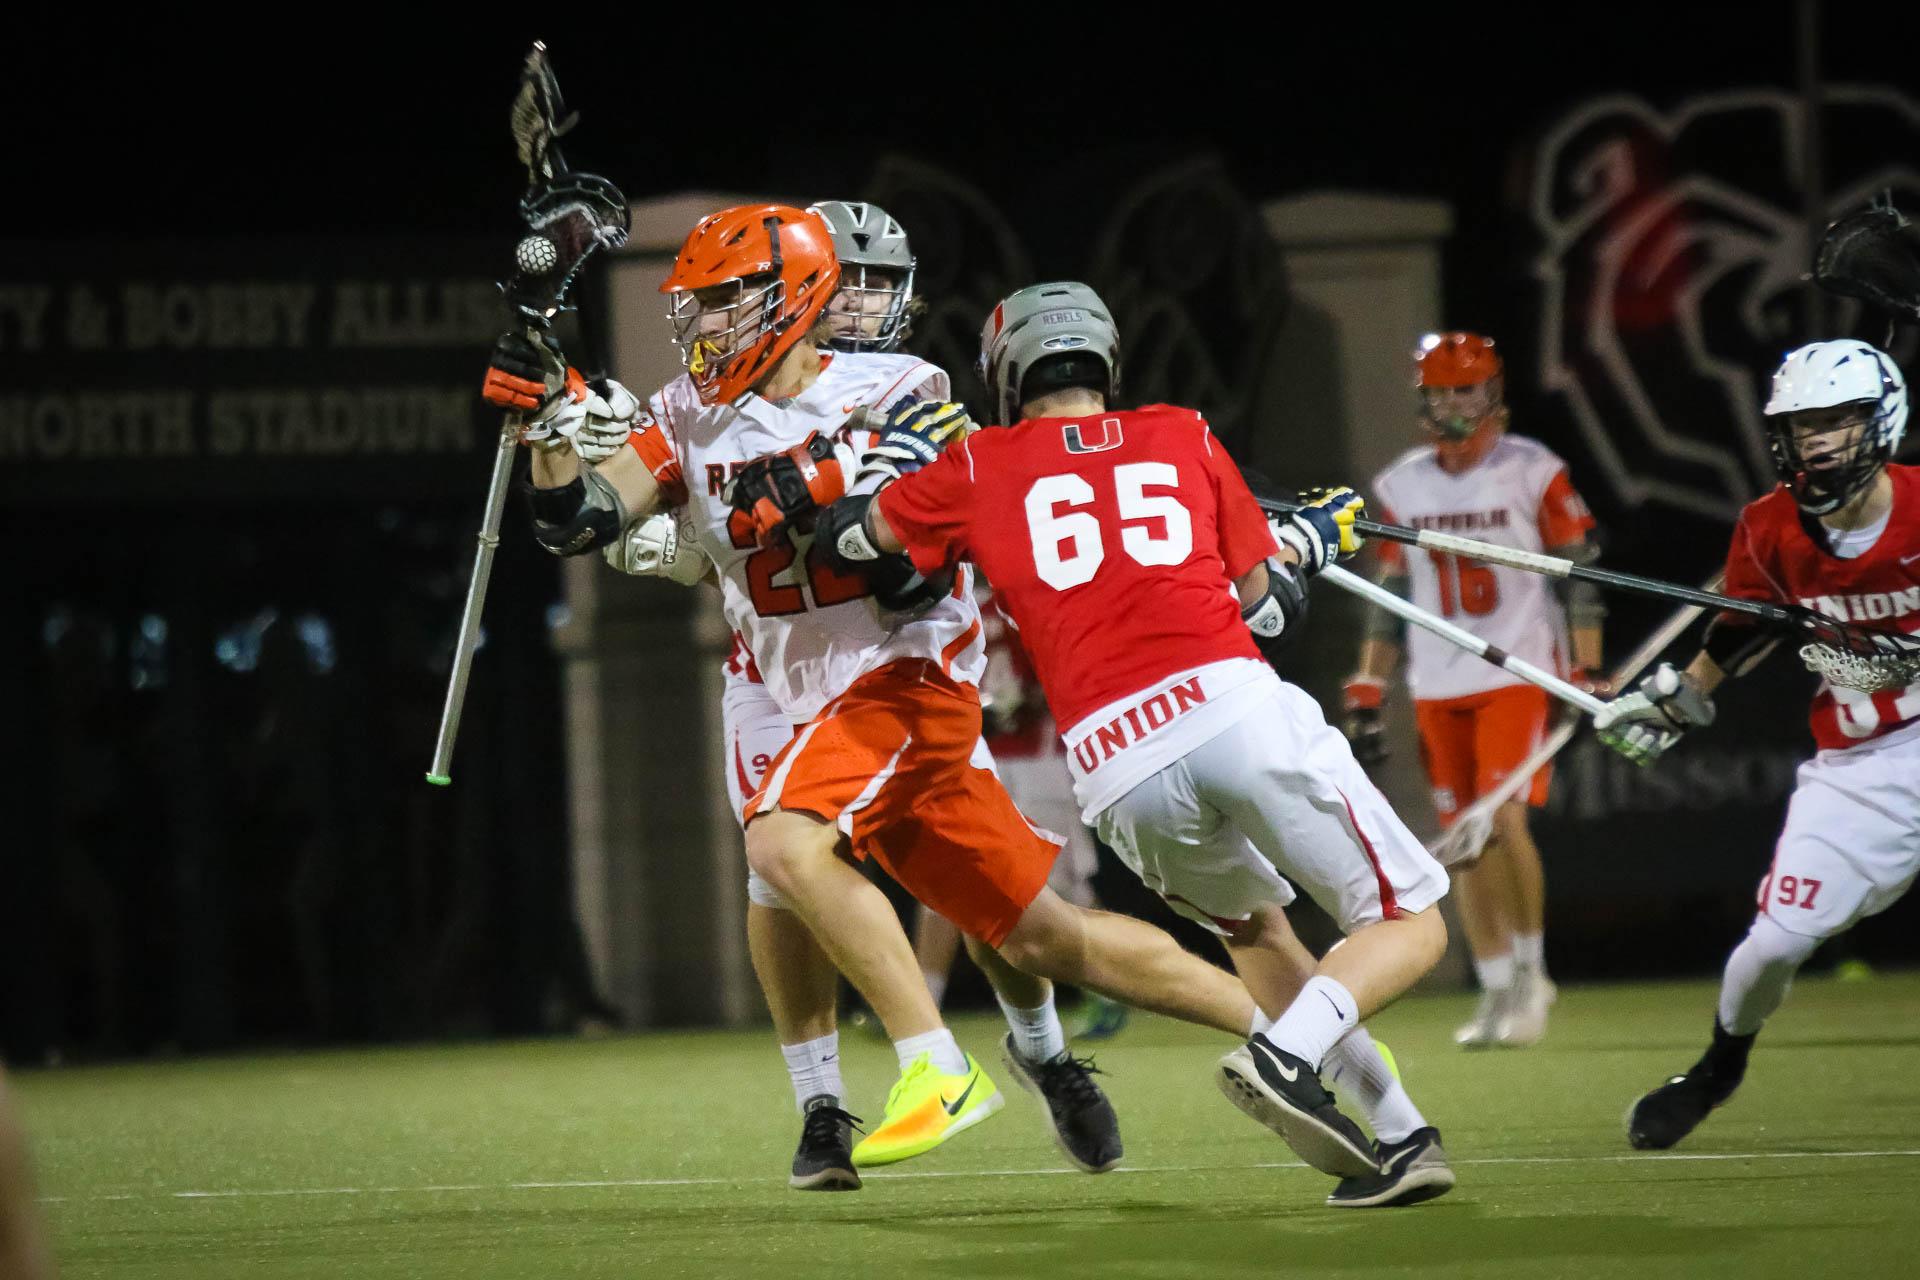 Photos: Lacrosse Vs Union